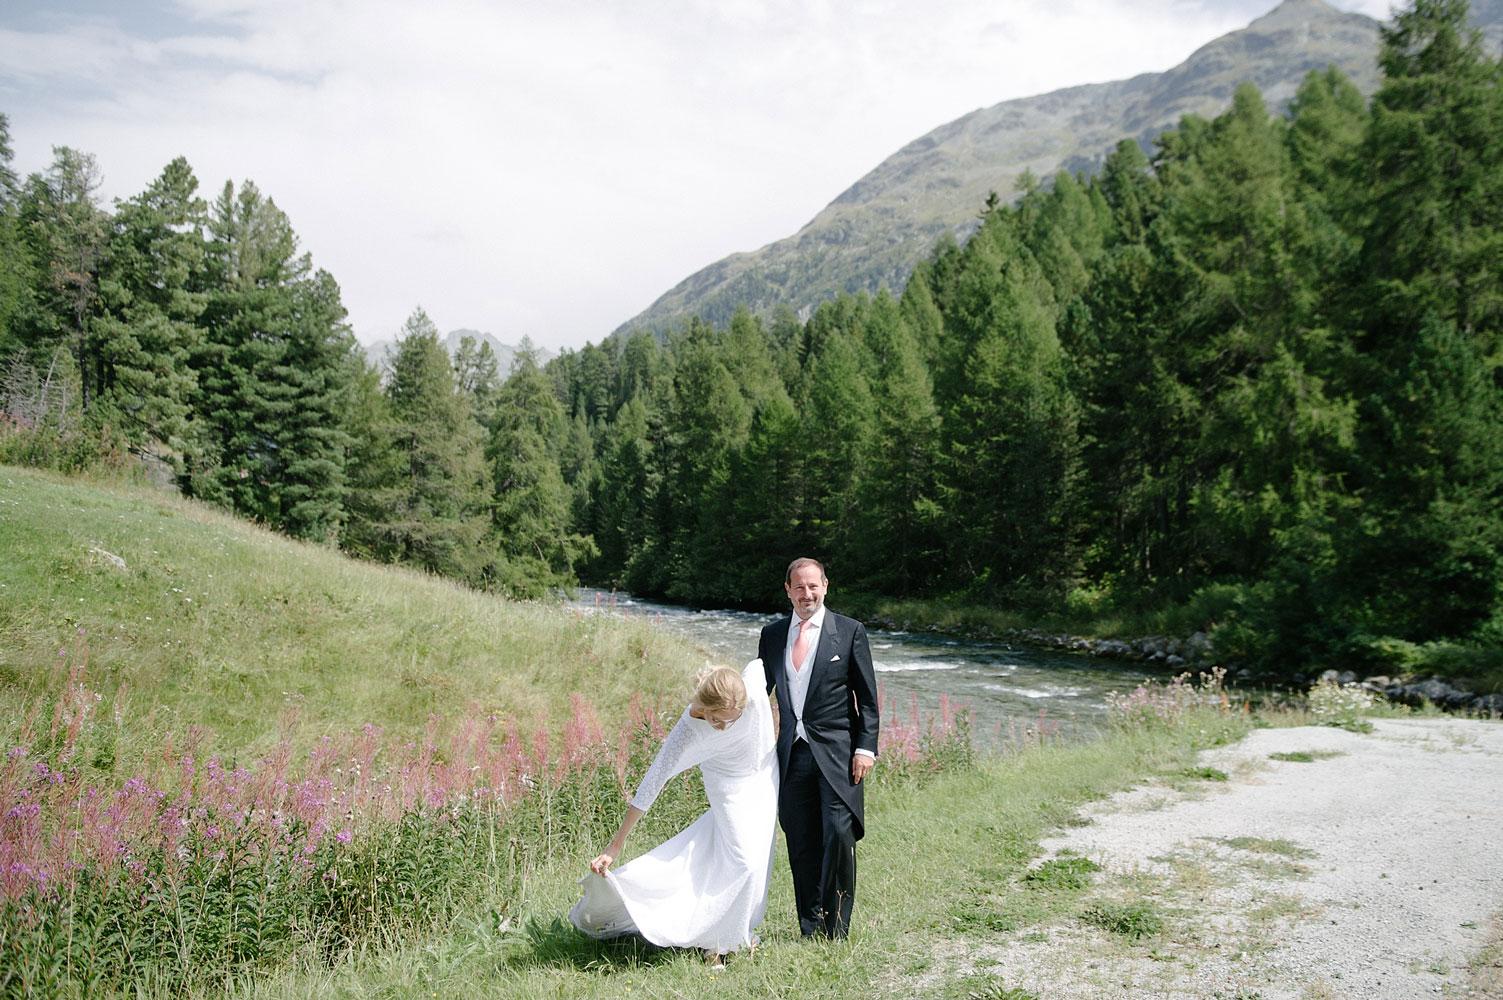 wedding_photographer_celerina_026.jpg